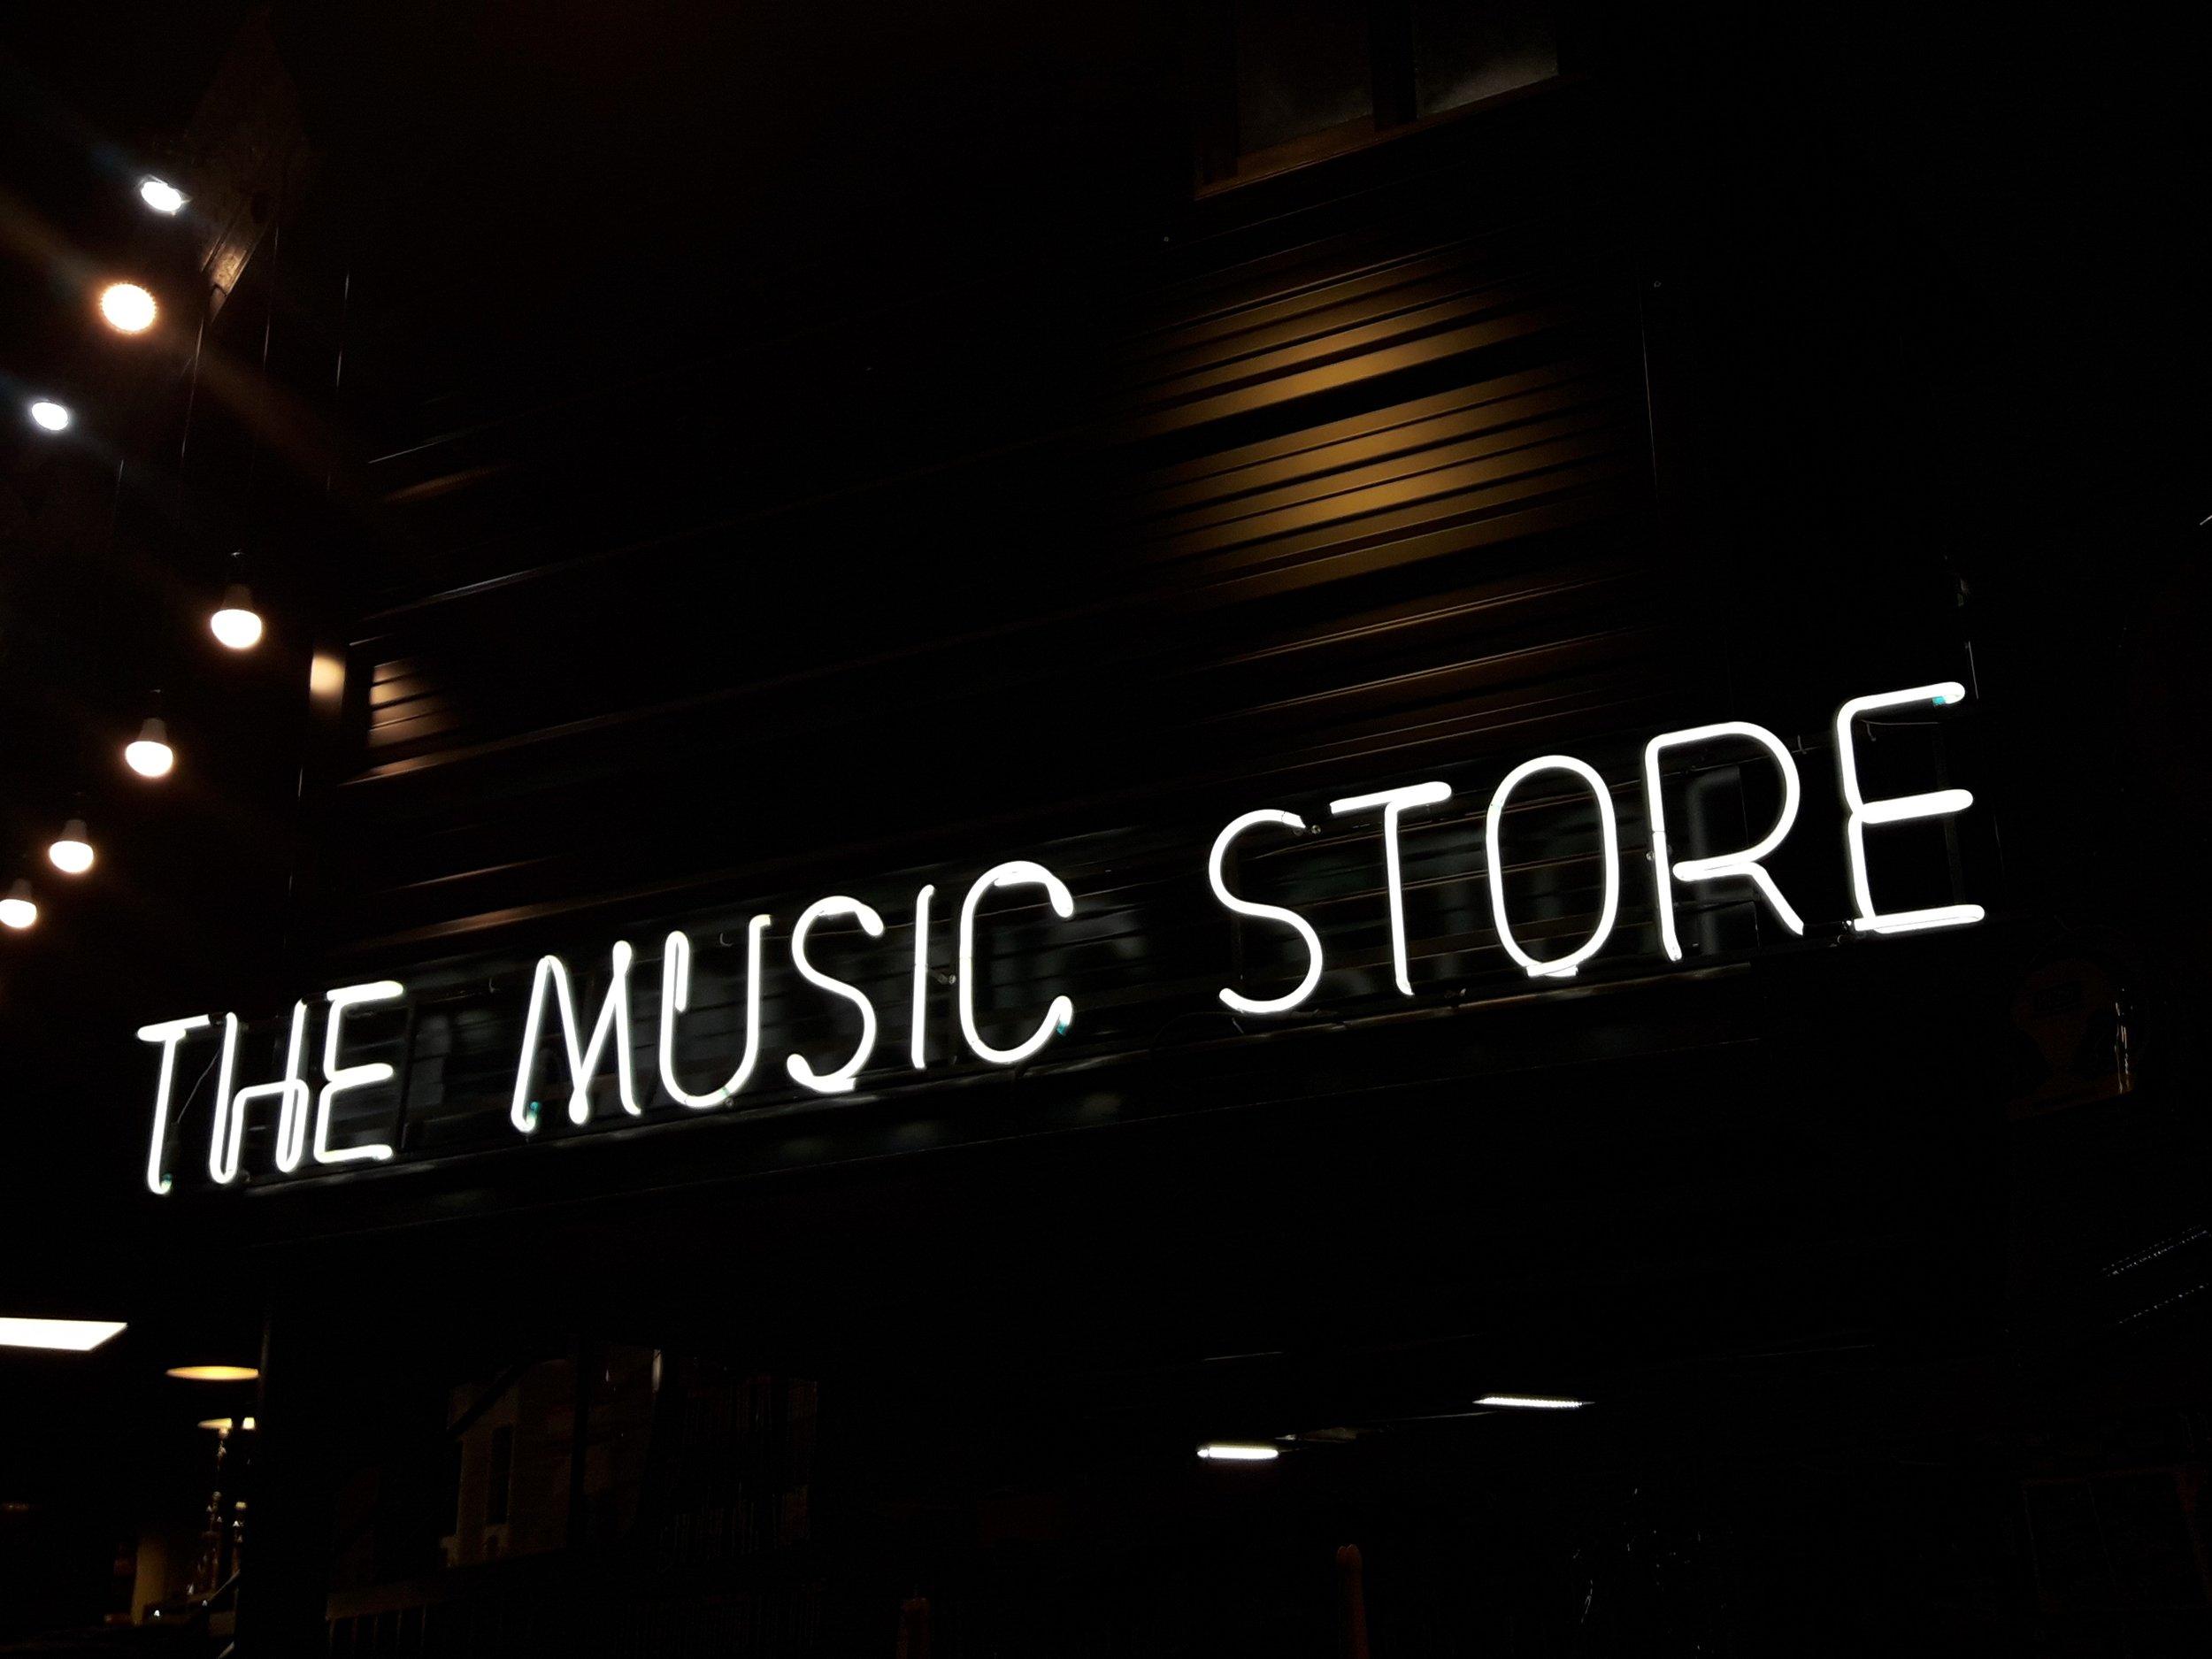 music store-mateo-mood-305393.jpg